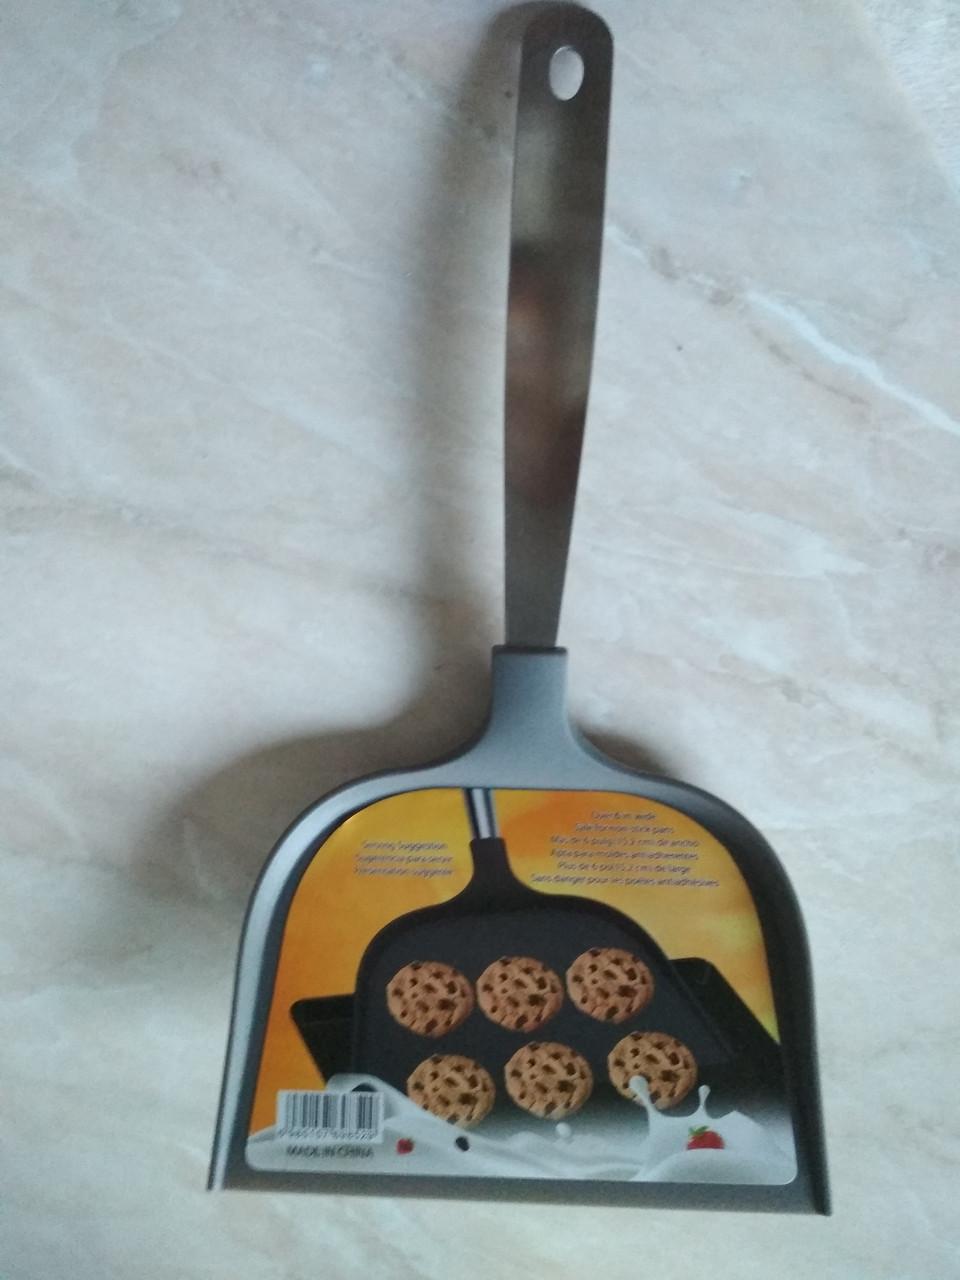 Лопатка для снятия печенья и пряников с противня